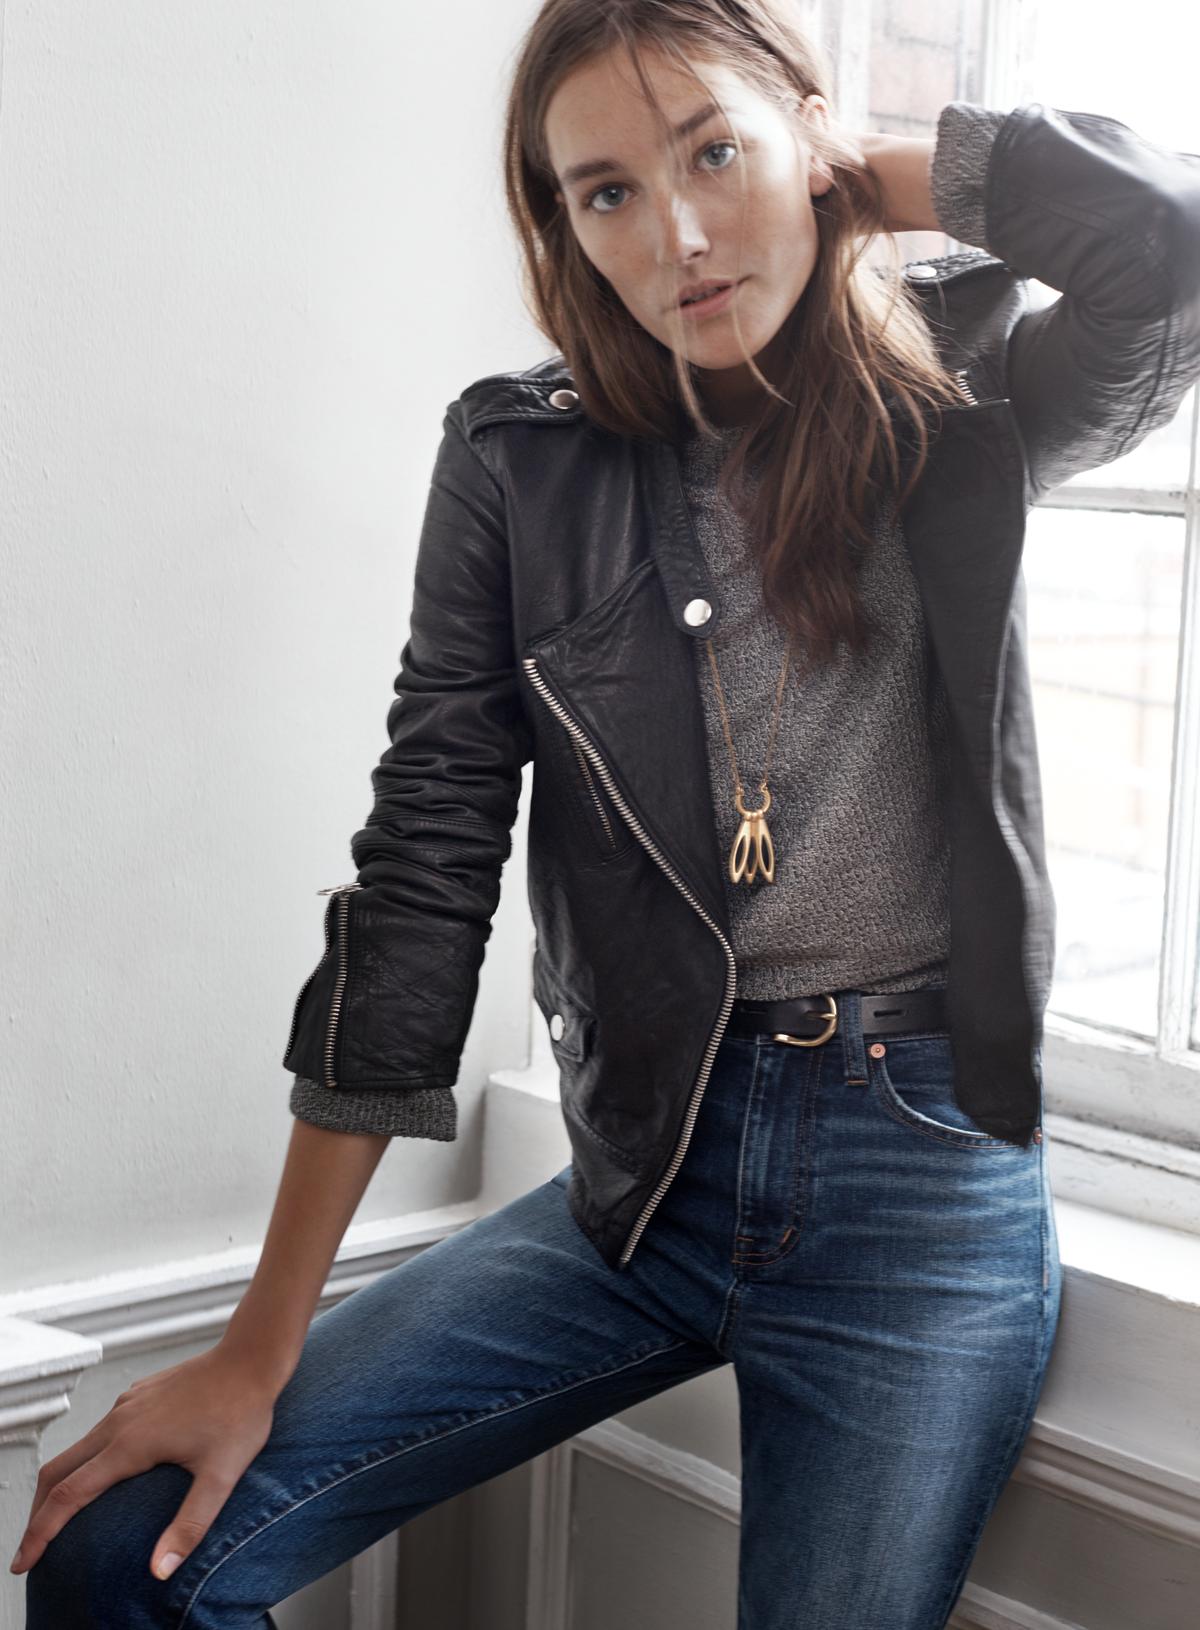 Washed Leather Epaulet Jacket Fashion Fashion Inspo Minimal Fashion [ 1630 x 1200 Pixel ]